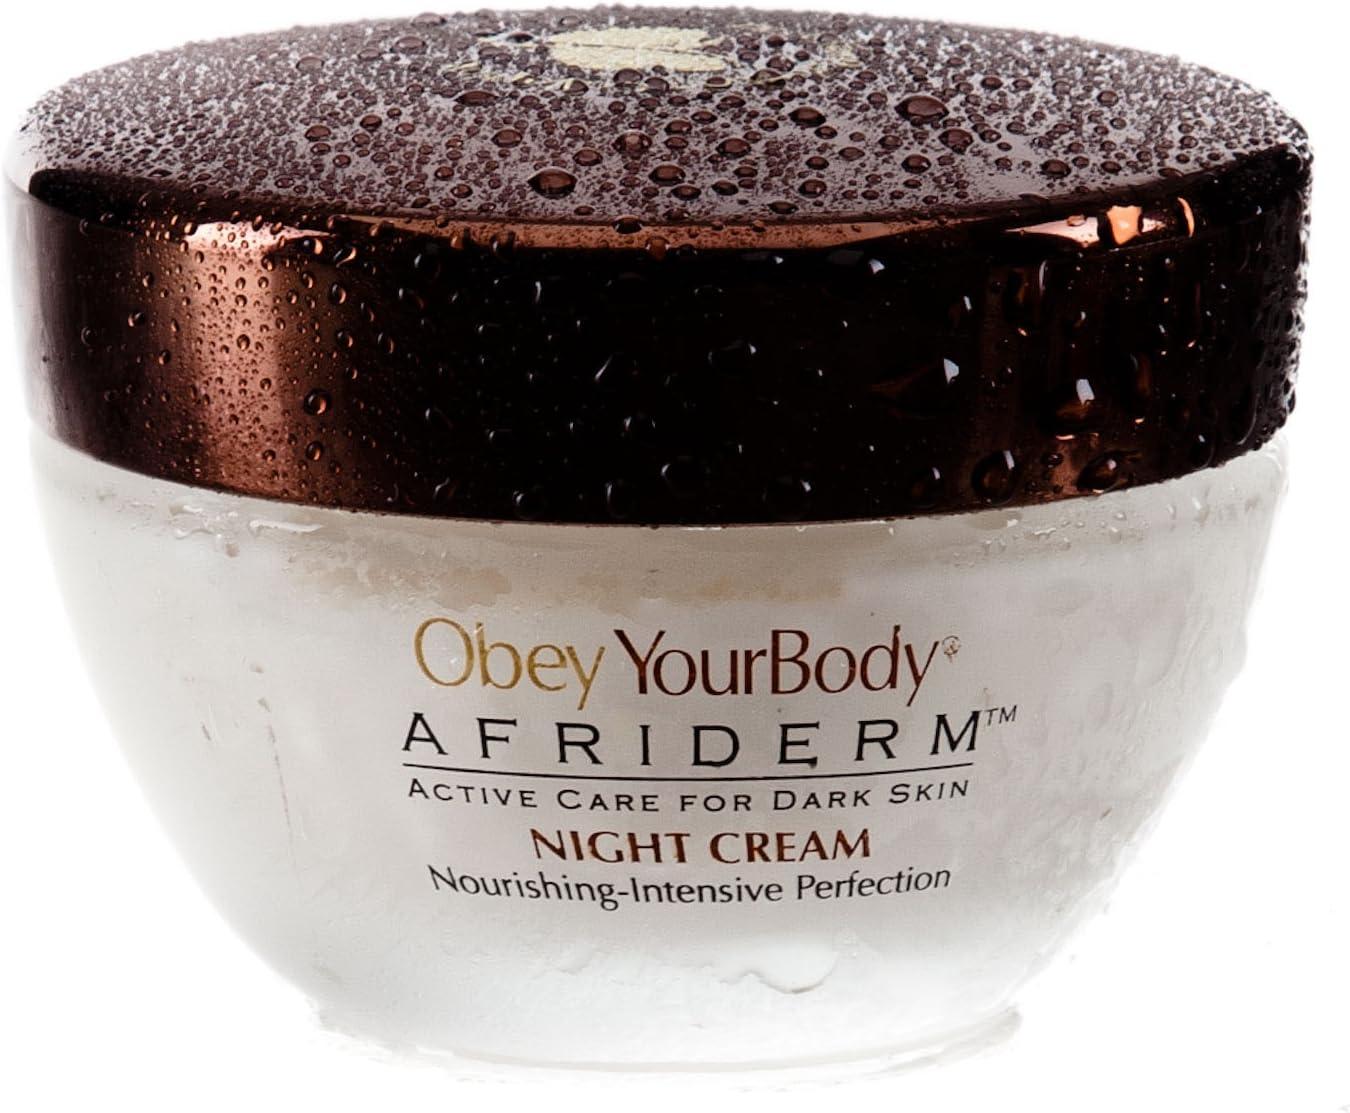 Obey Your Body Crema De Noche Afriderm: Amazon.es: Belleza